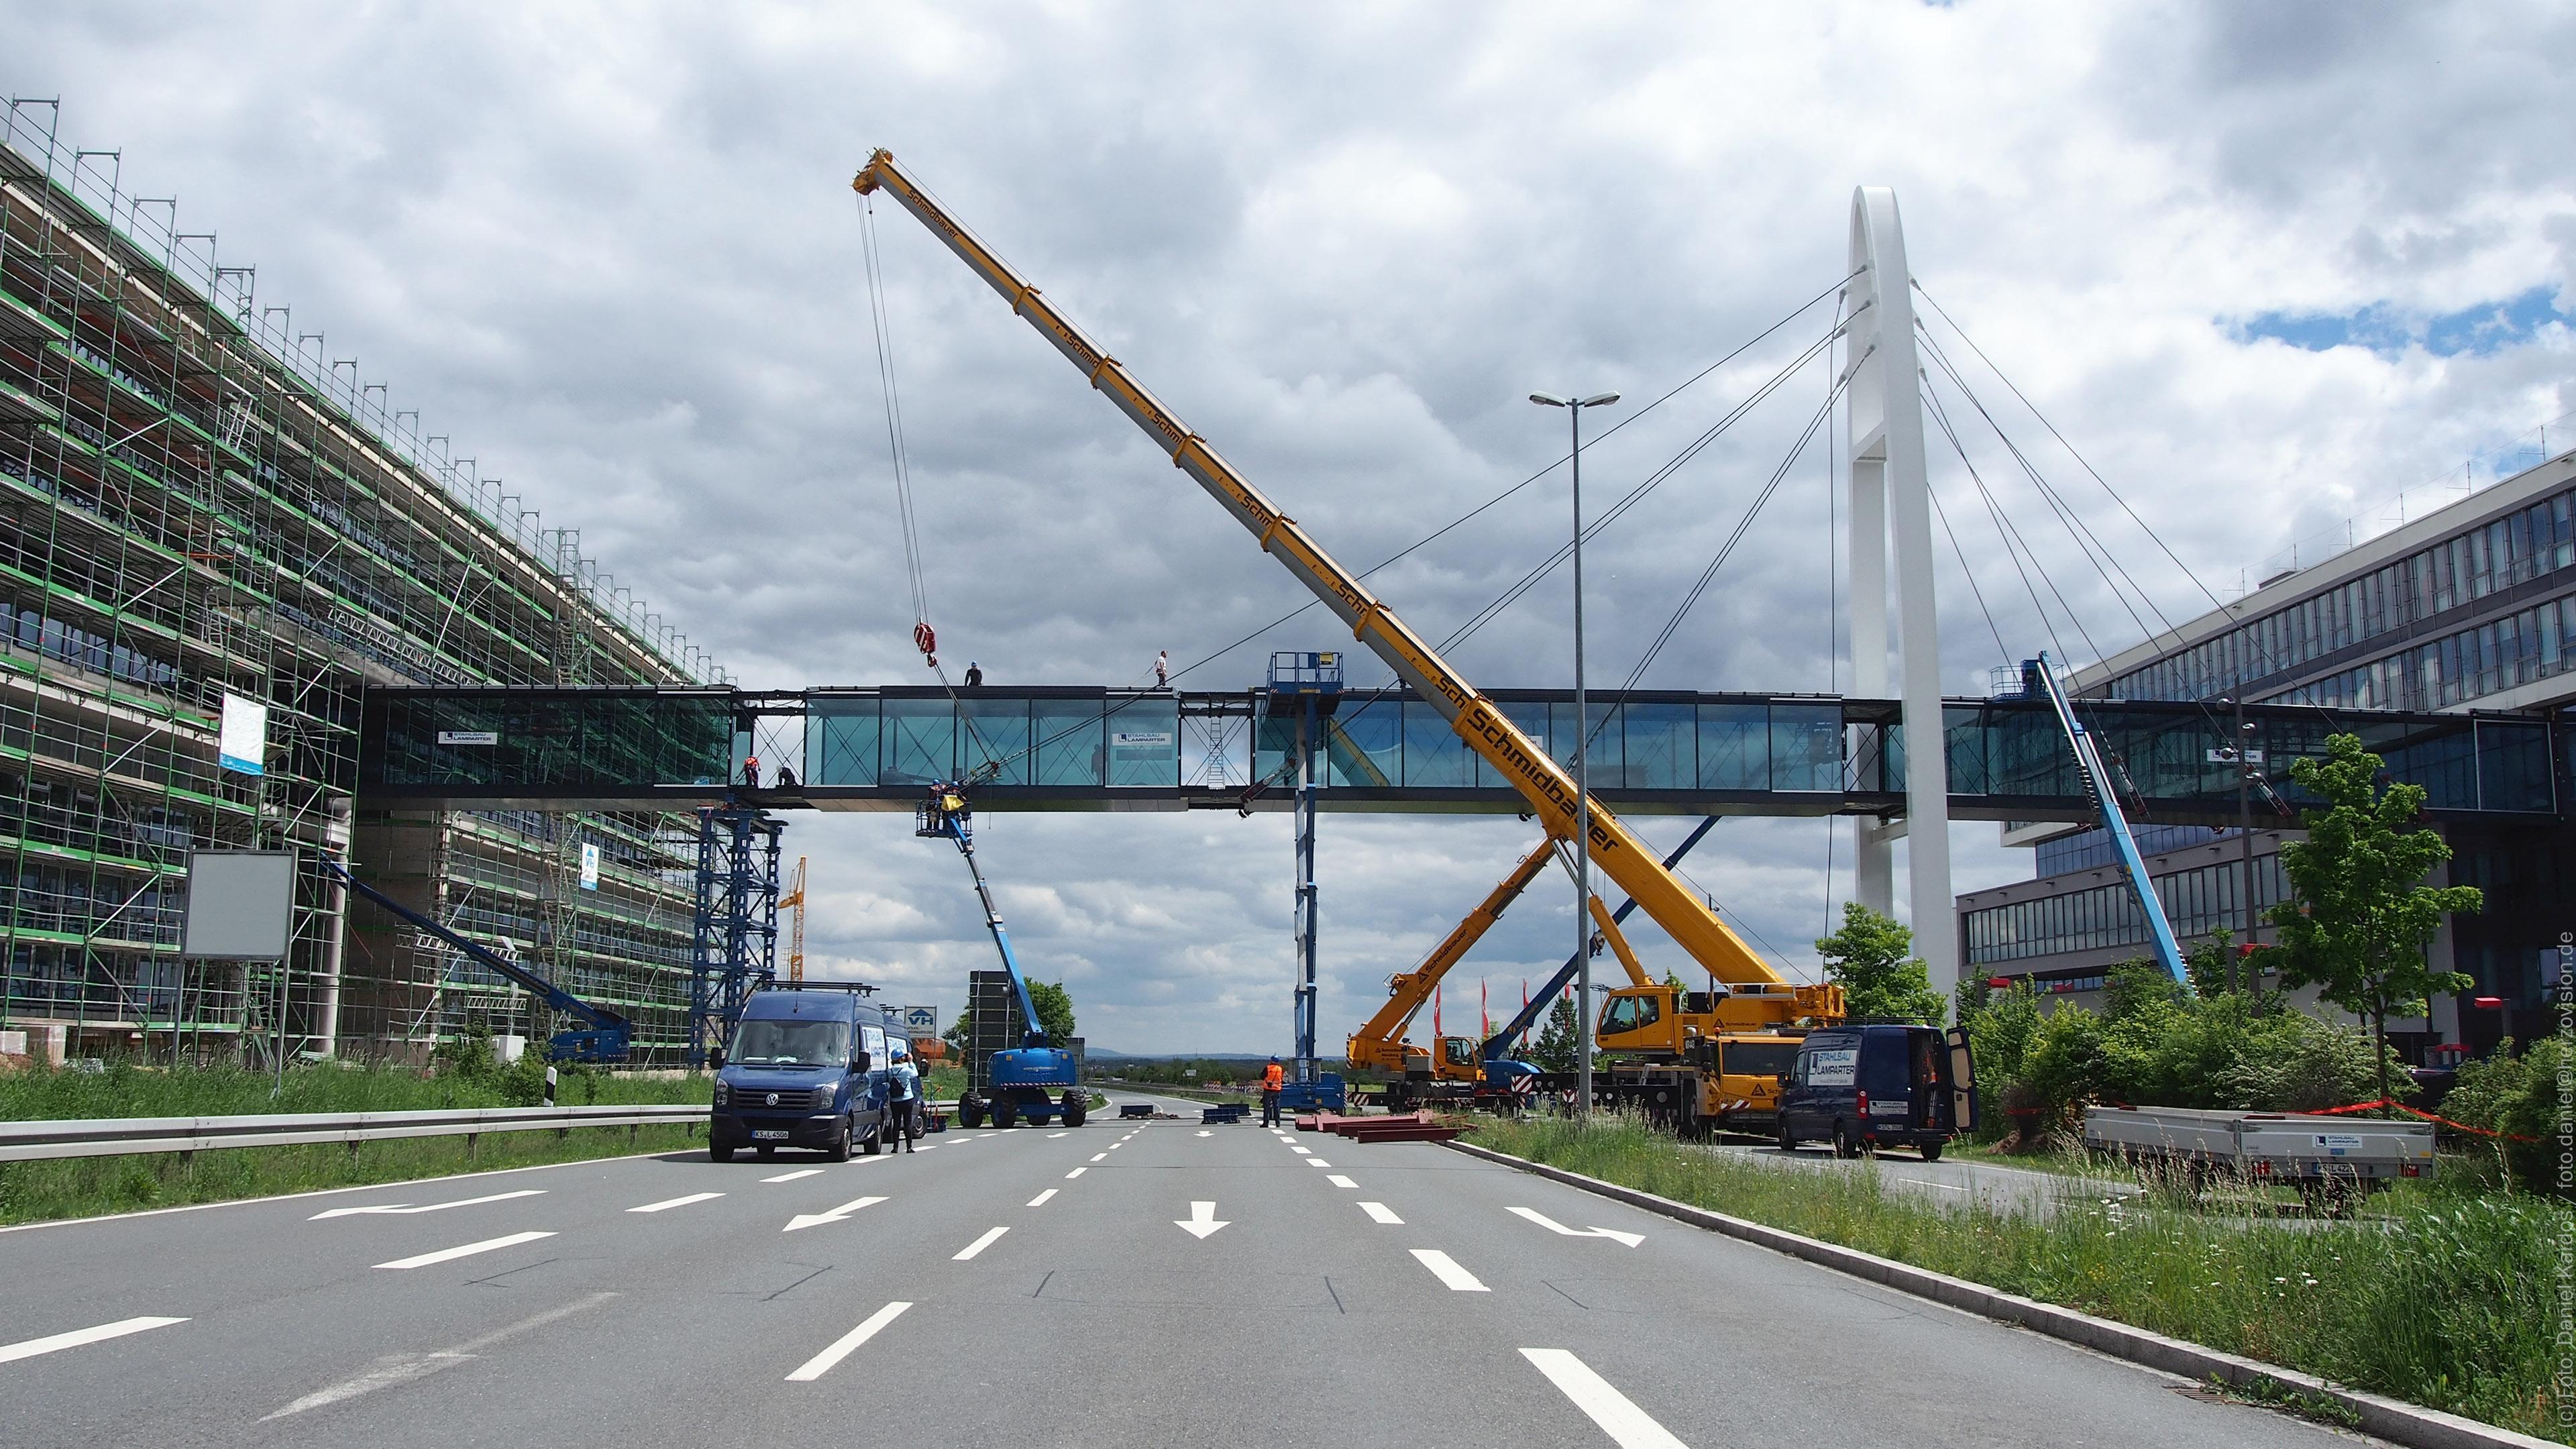 Blick zur Puma-Bridge Puma-Brücke in Herzogenaurach. Verbindungsbrücke aus Stahl und Glas. Stahlbau Lamparter